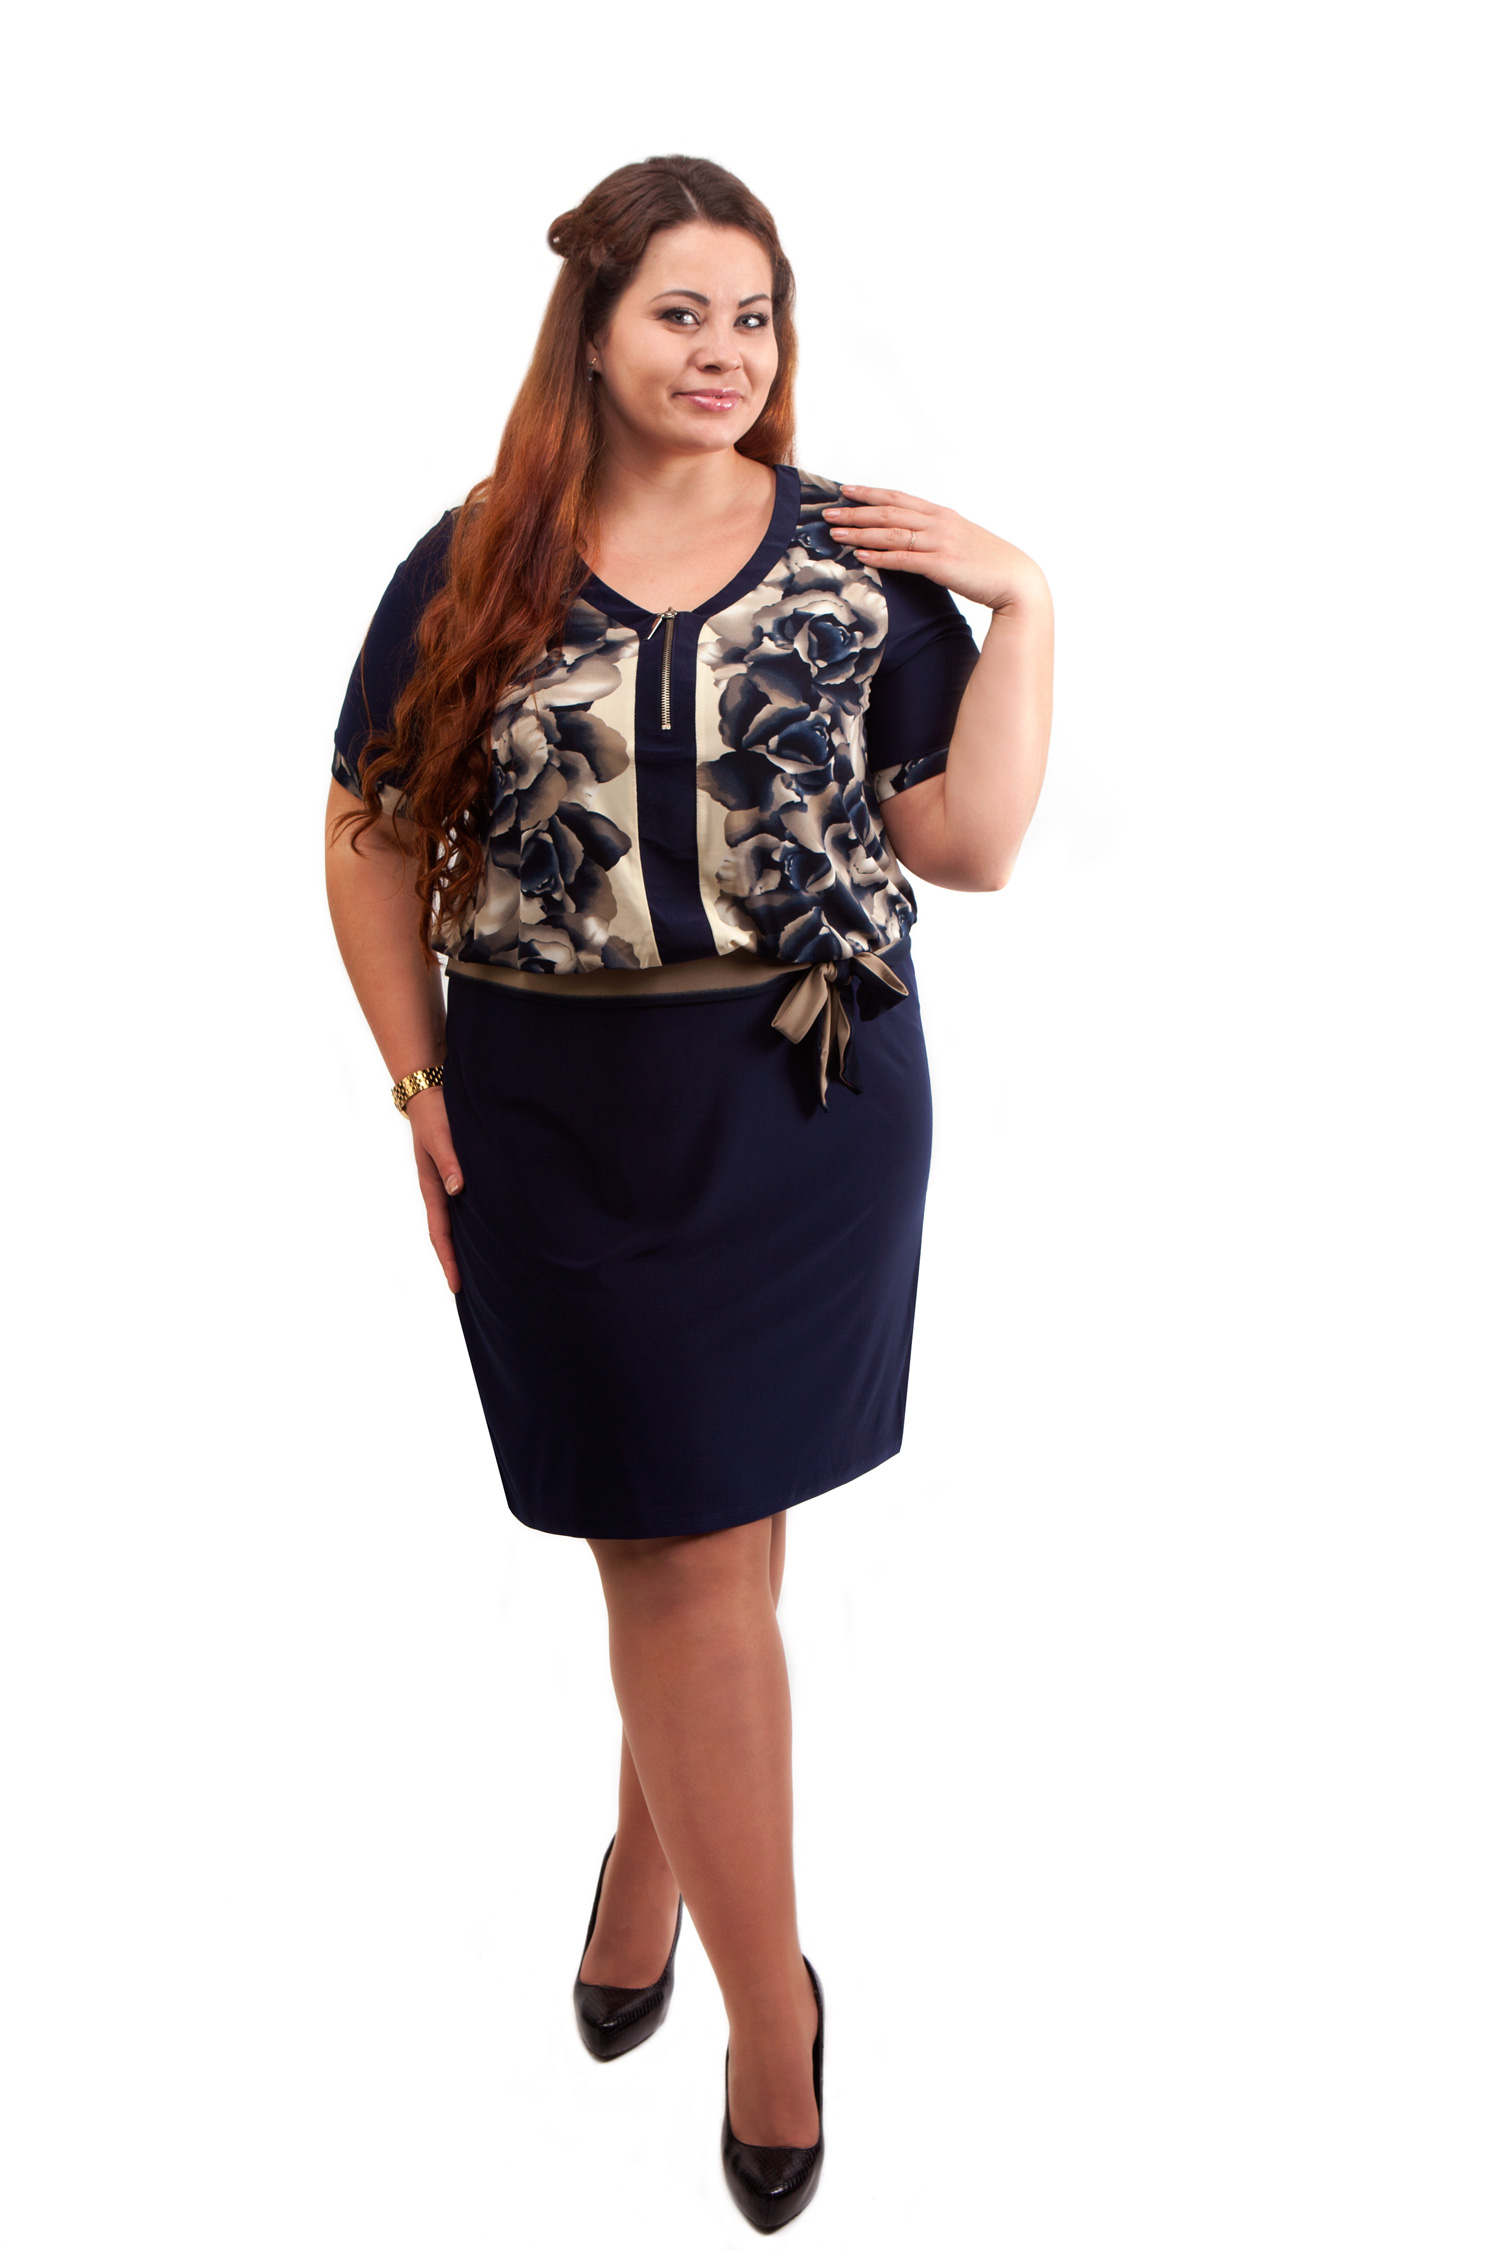 Женская Одежда Коллекция Весна Лето 2016 От Российского Производителя Оптом